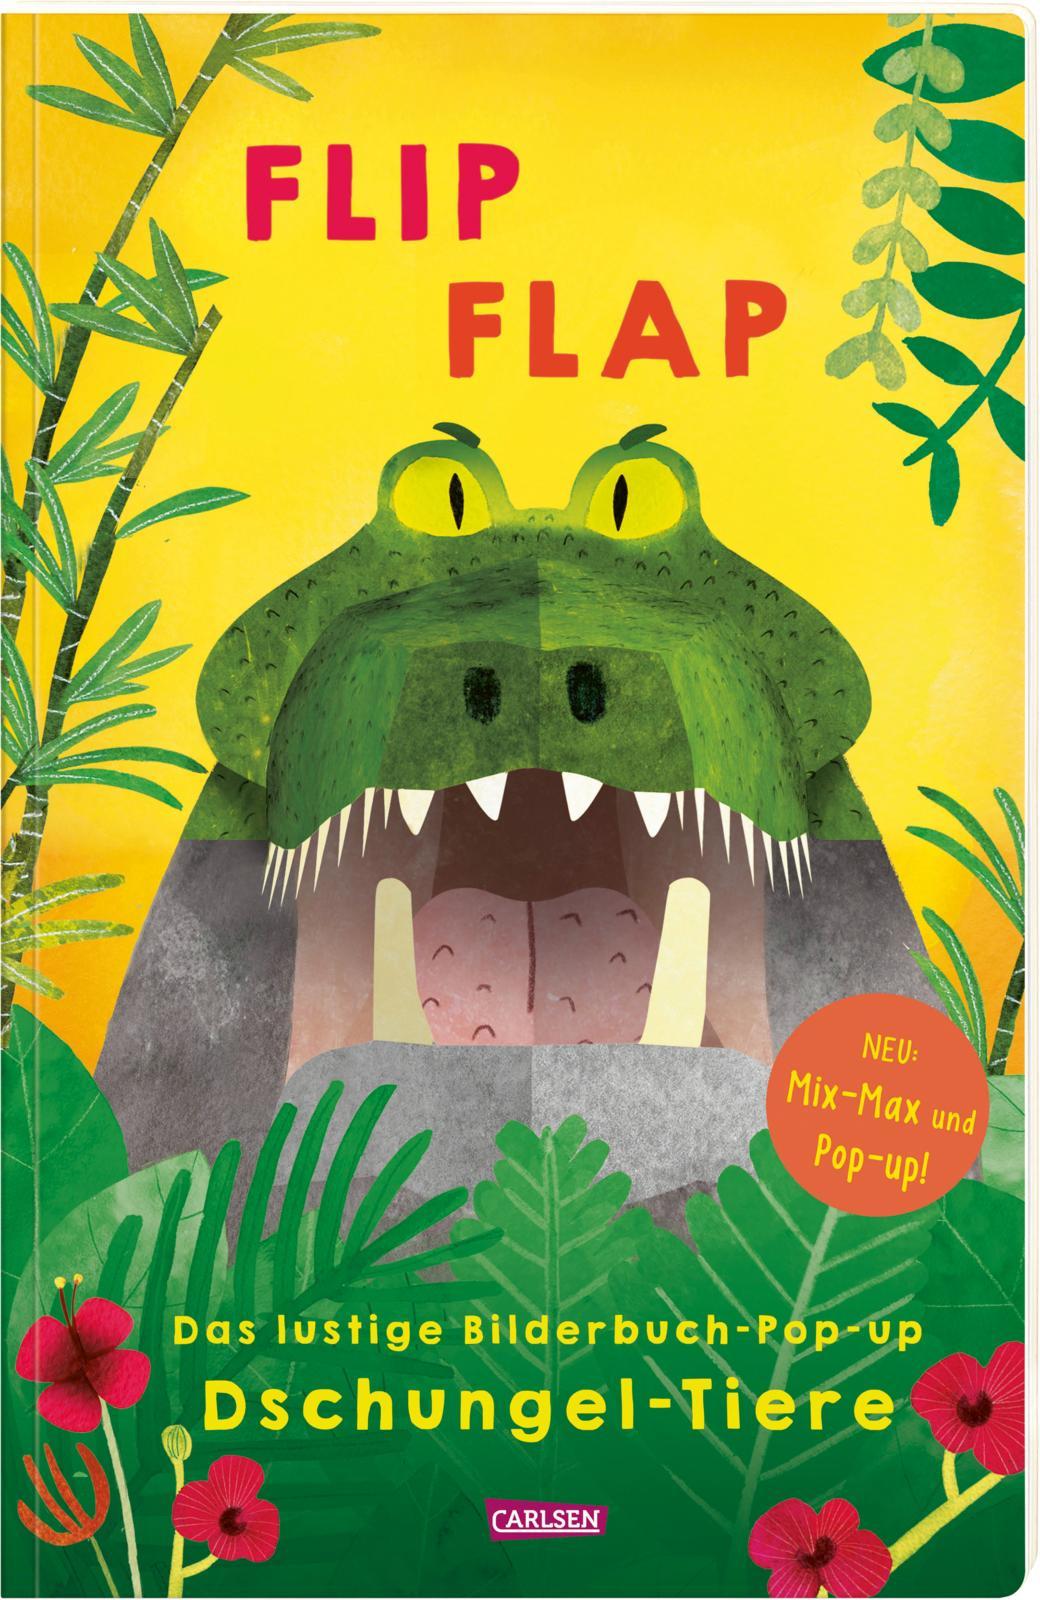 """»FLIP FLAP – DAS LUSTIGE BILDERBUCH-POP-UP """"DSCHUNGEL-TIERE""""« — CARLSEN"""